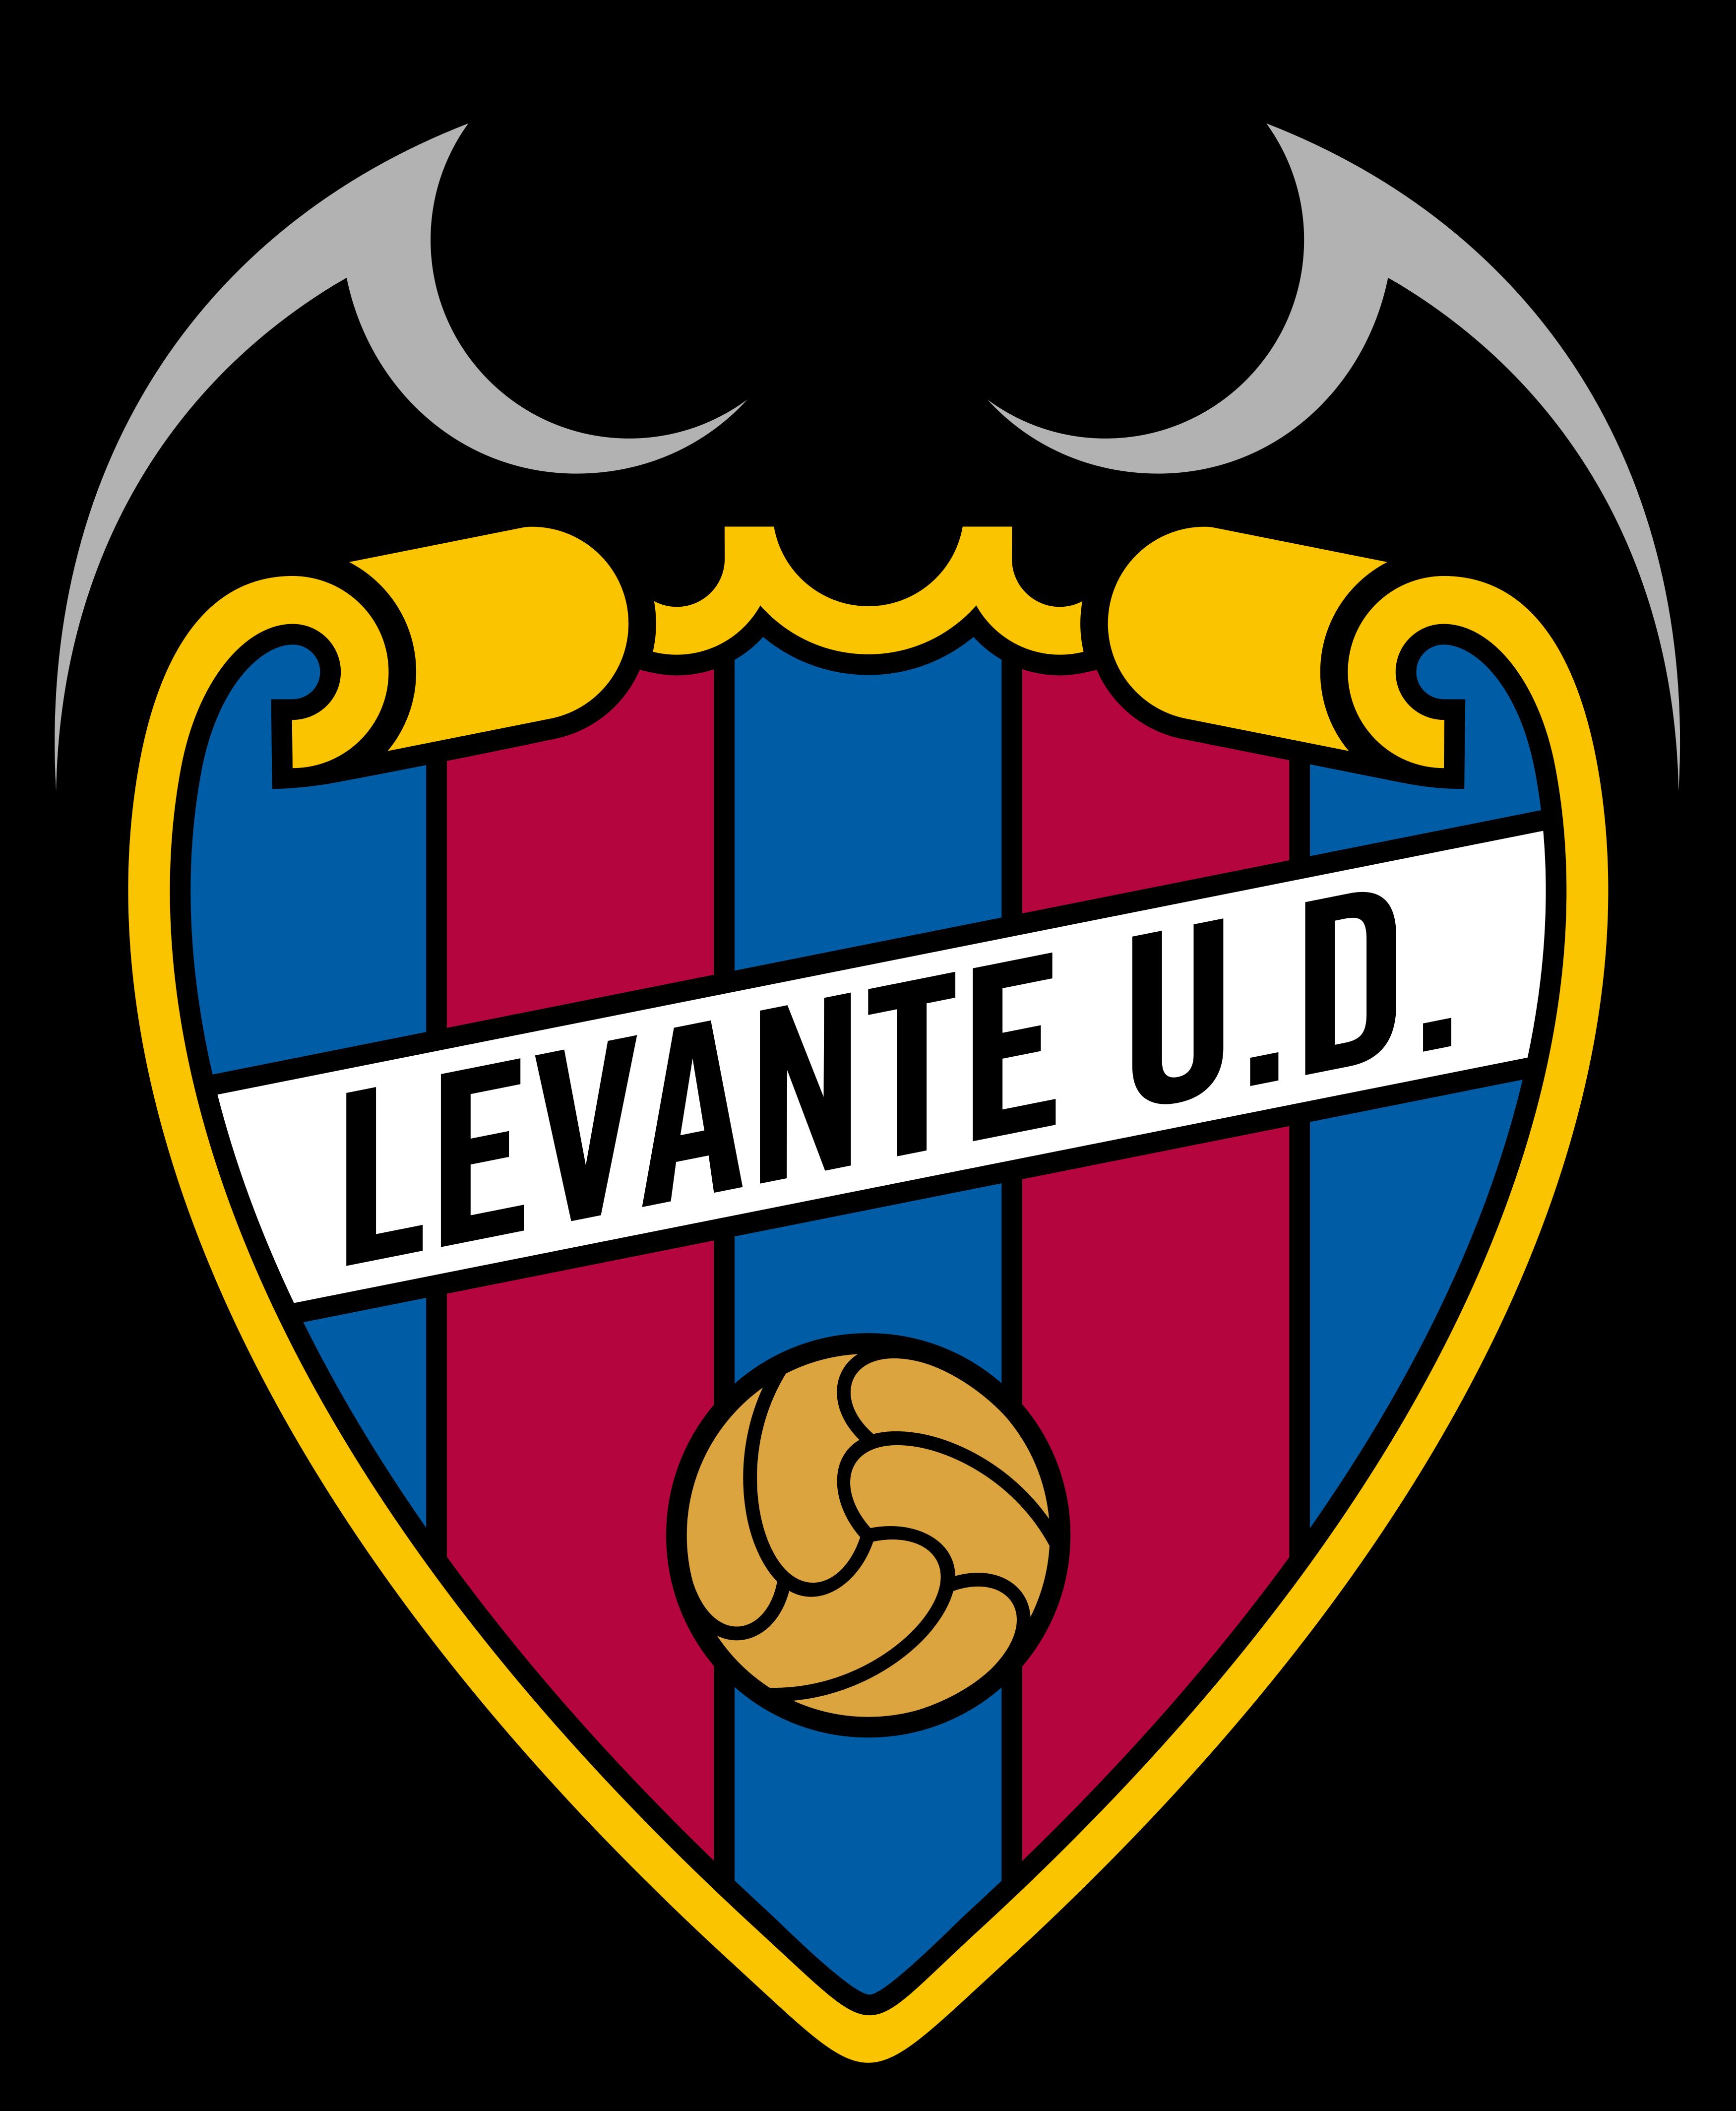 levante-ud-logo-escudo